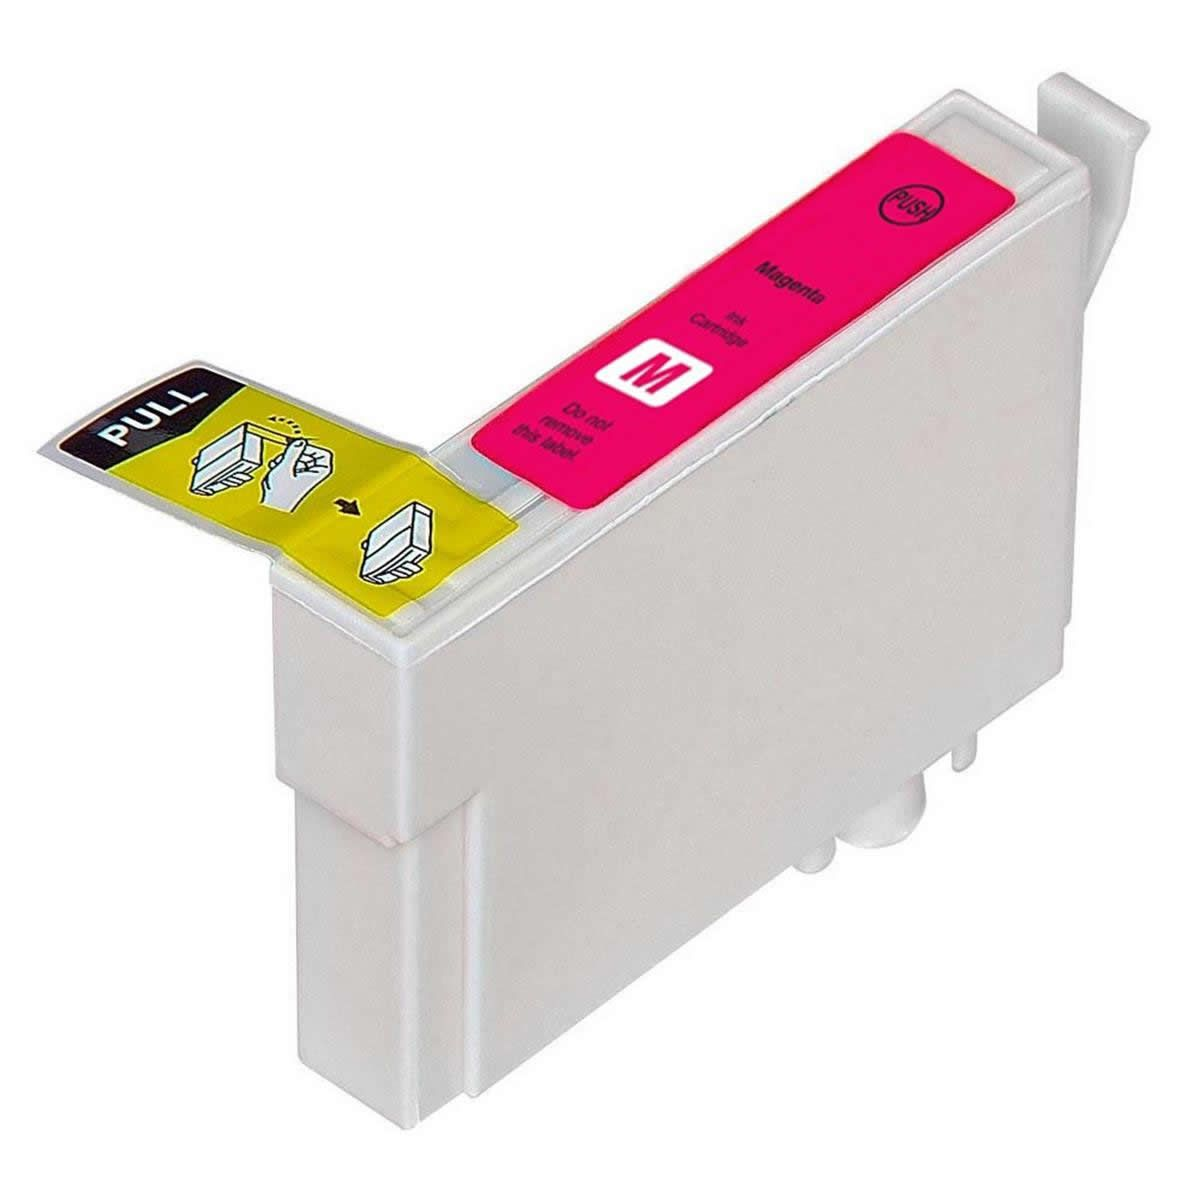 Cartucho MJ Compatível TO483 Magenta para R200 R220 R300 R320 R340